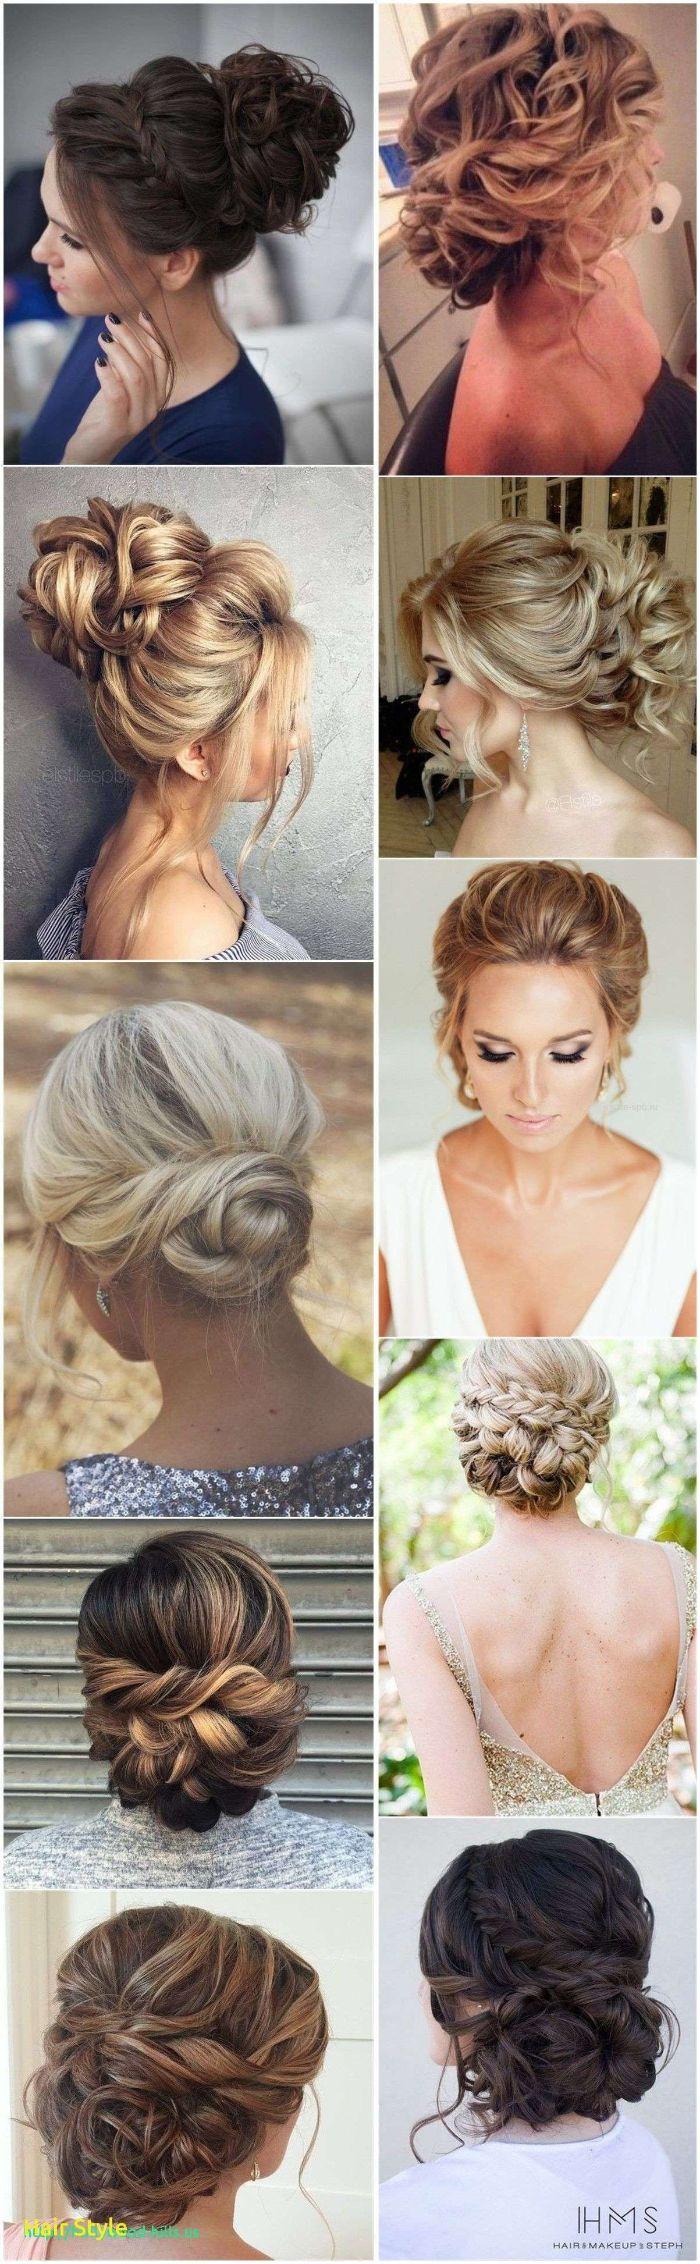 mittellange haare schnitt, collage aus vielen bildern von frauen mit durchschnittlich langen haaren und hochsteckfrisuren